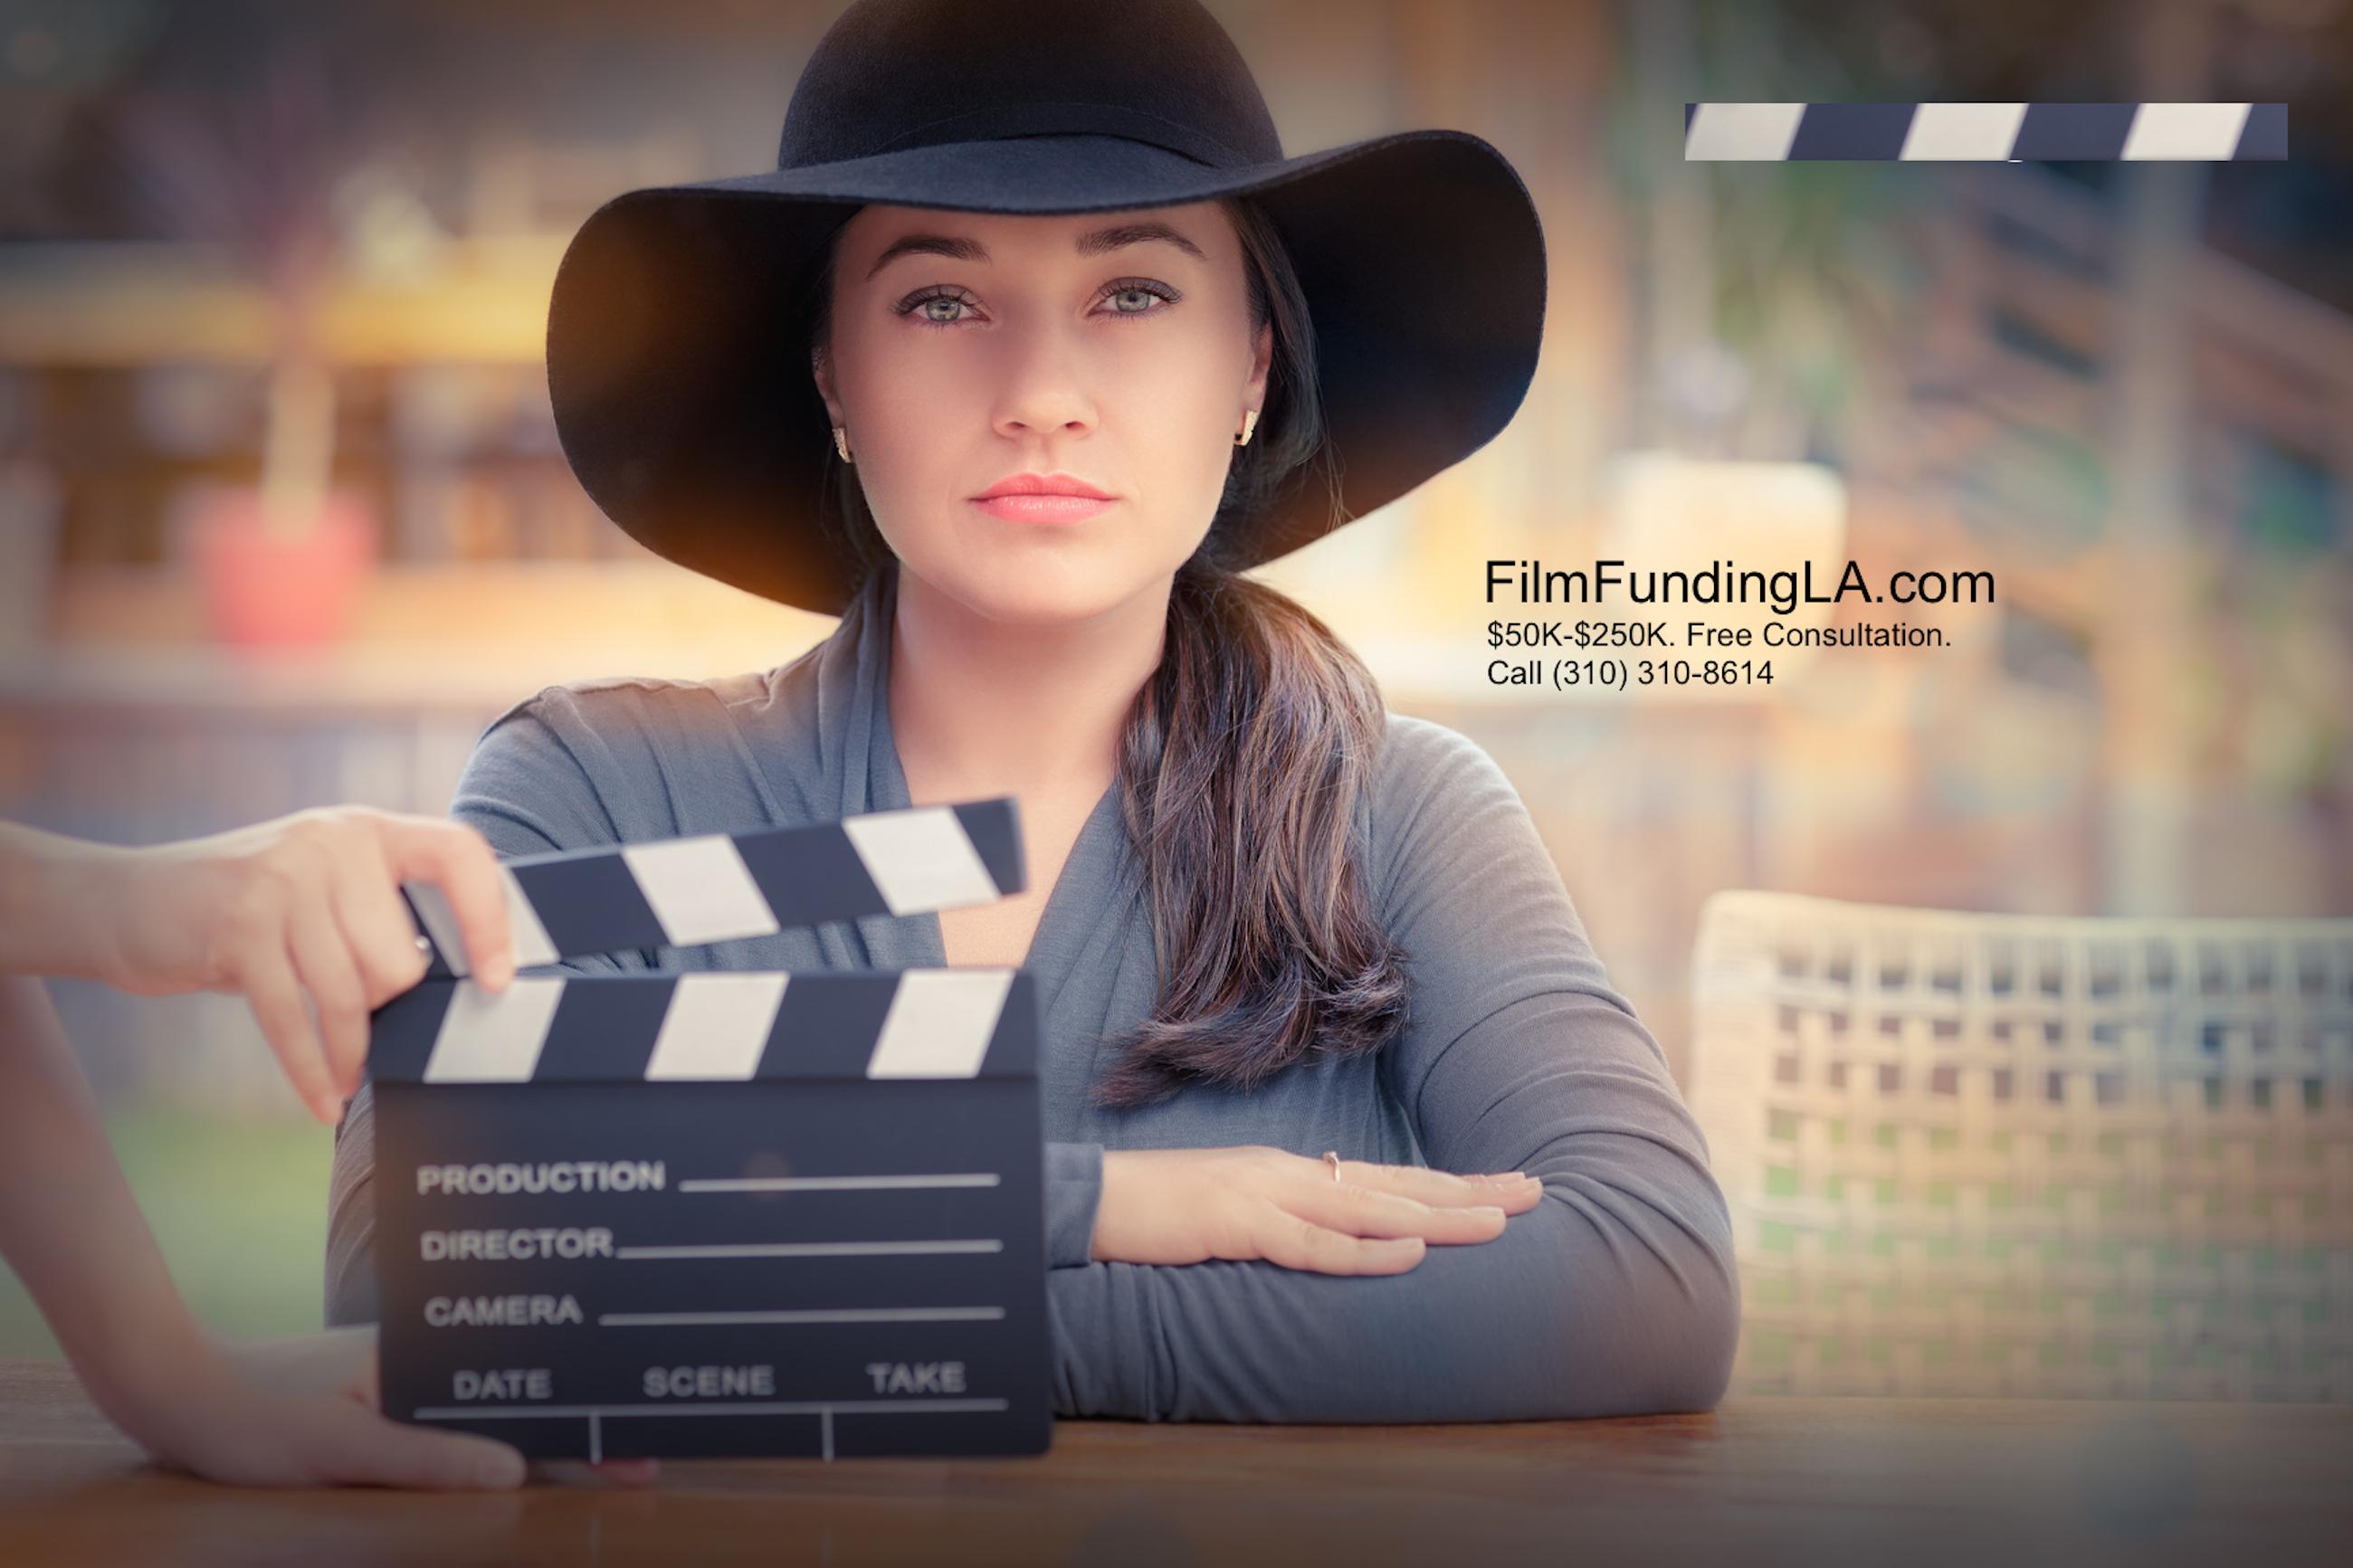 18 фильм видео девушка фото